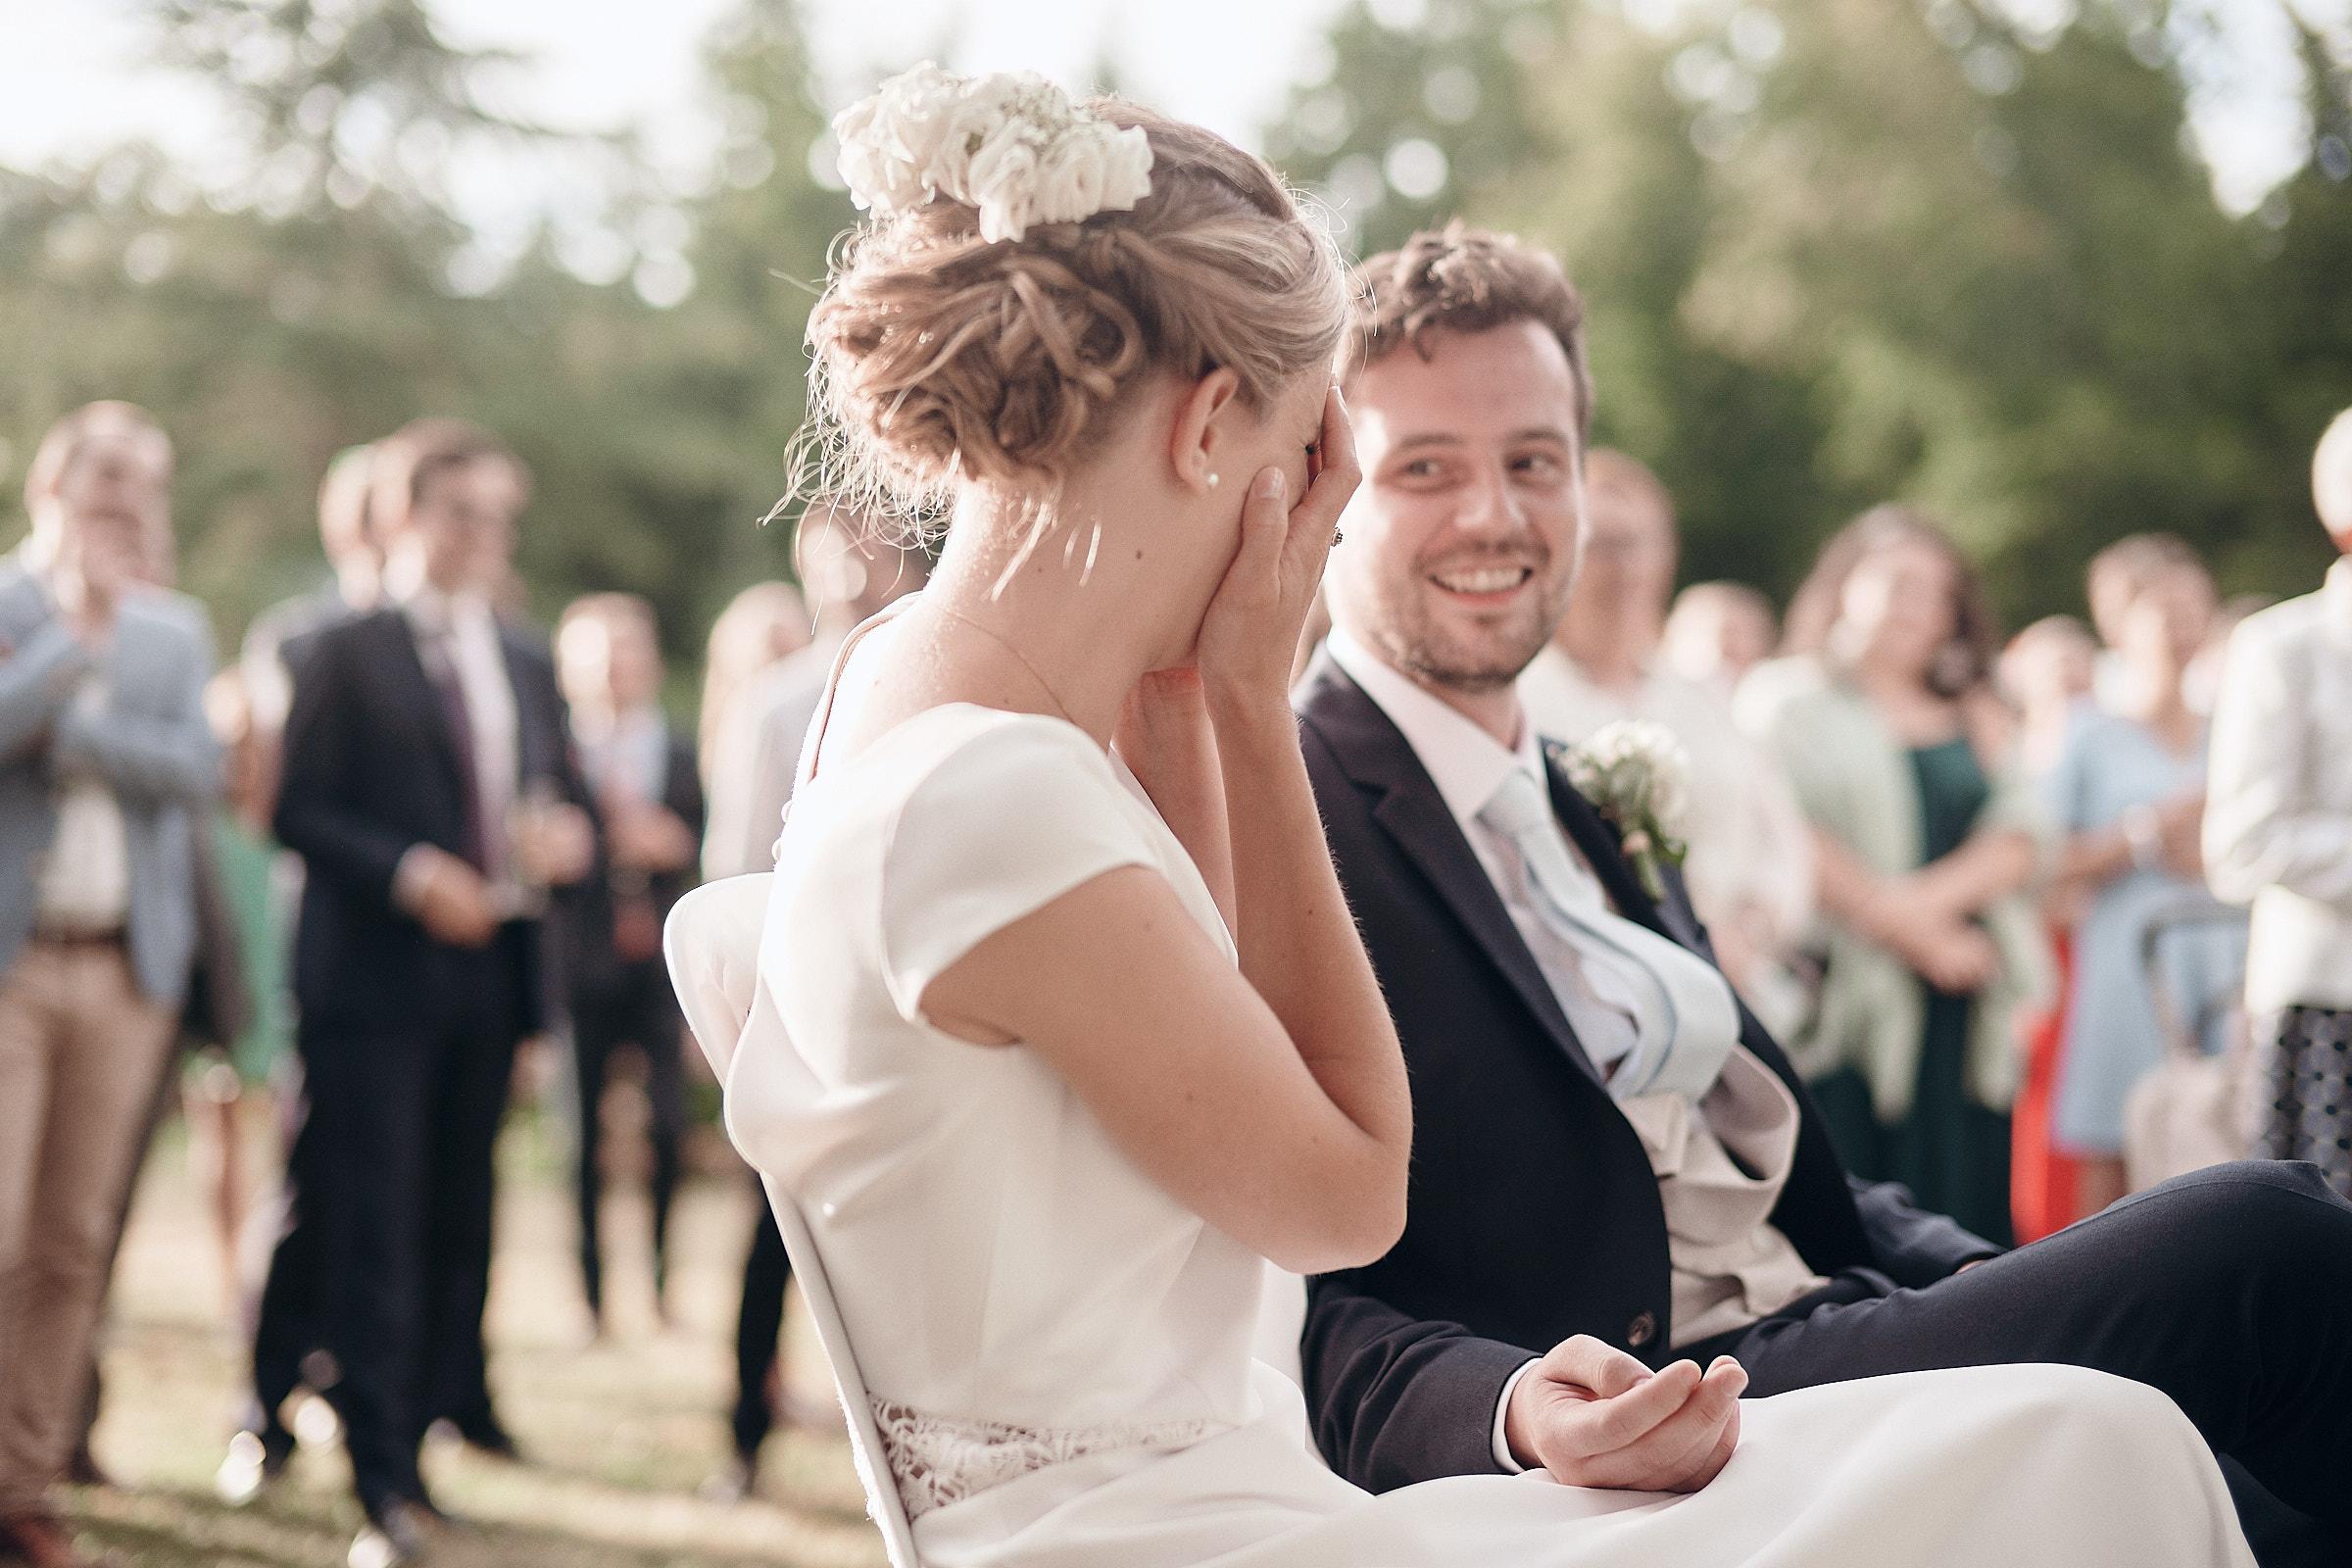 réaction de la mariée pendant le discours de son père